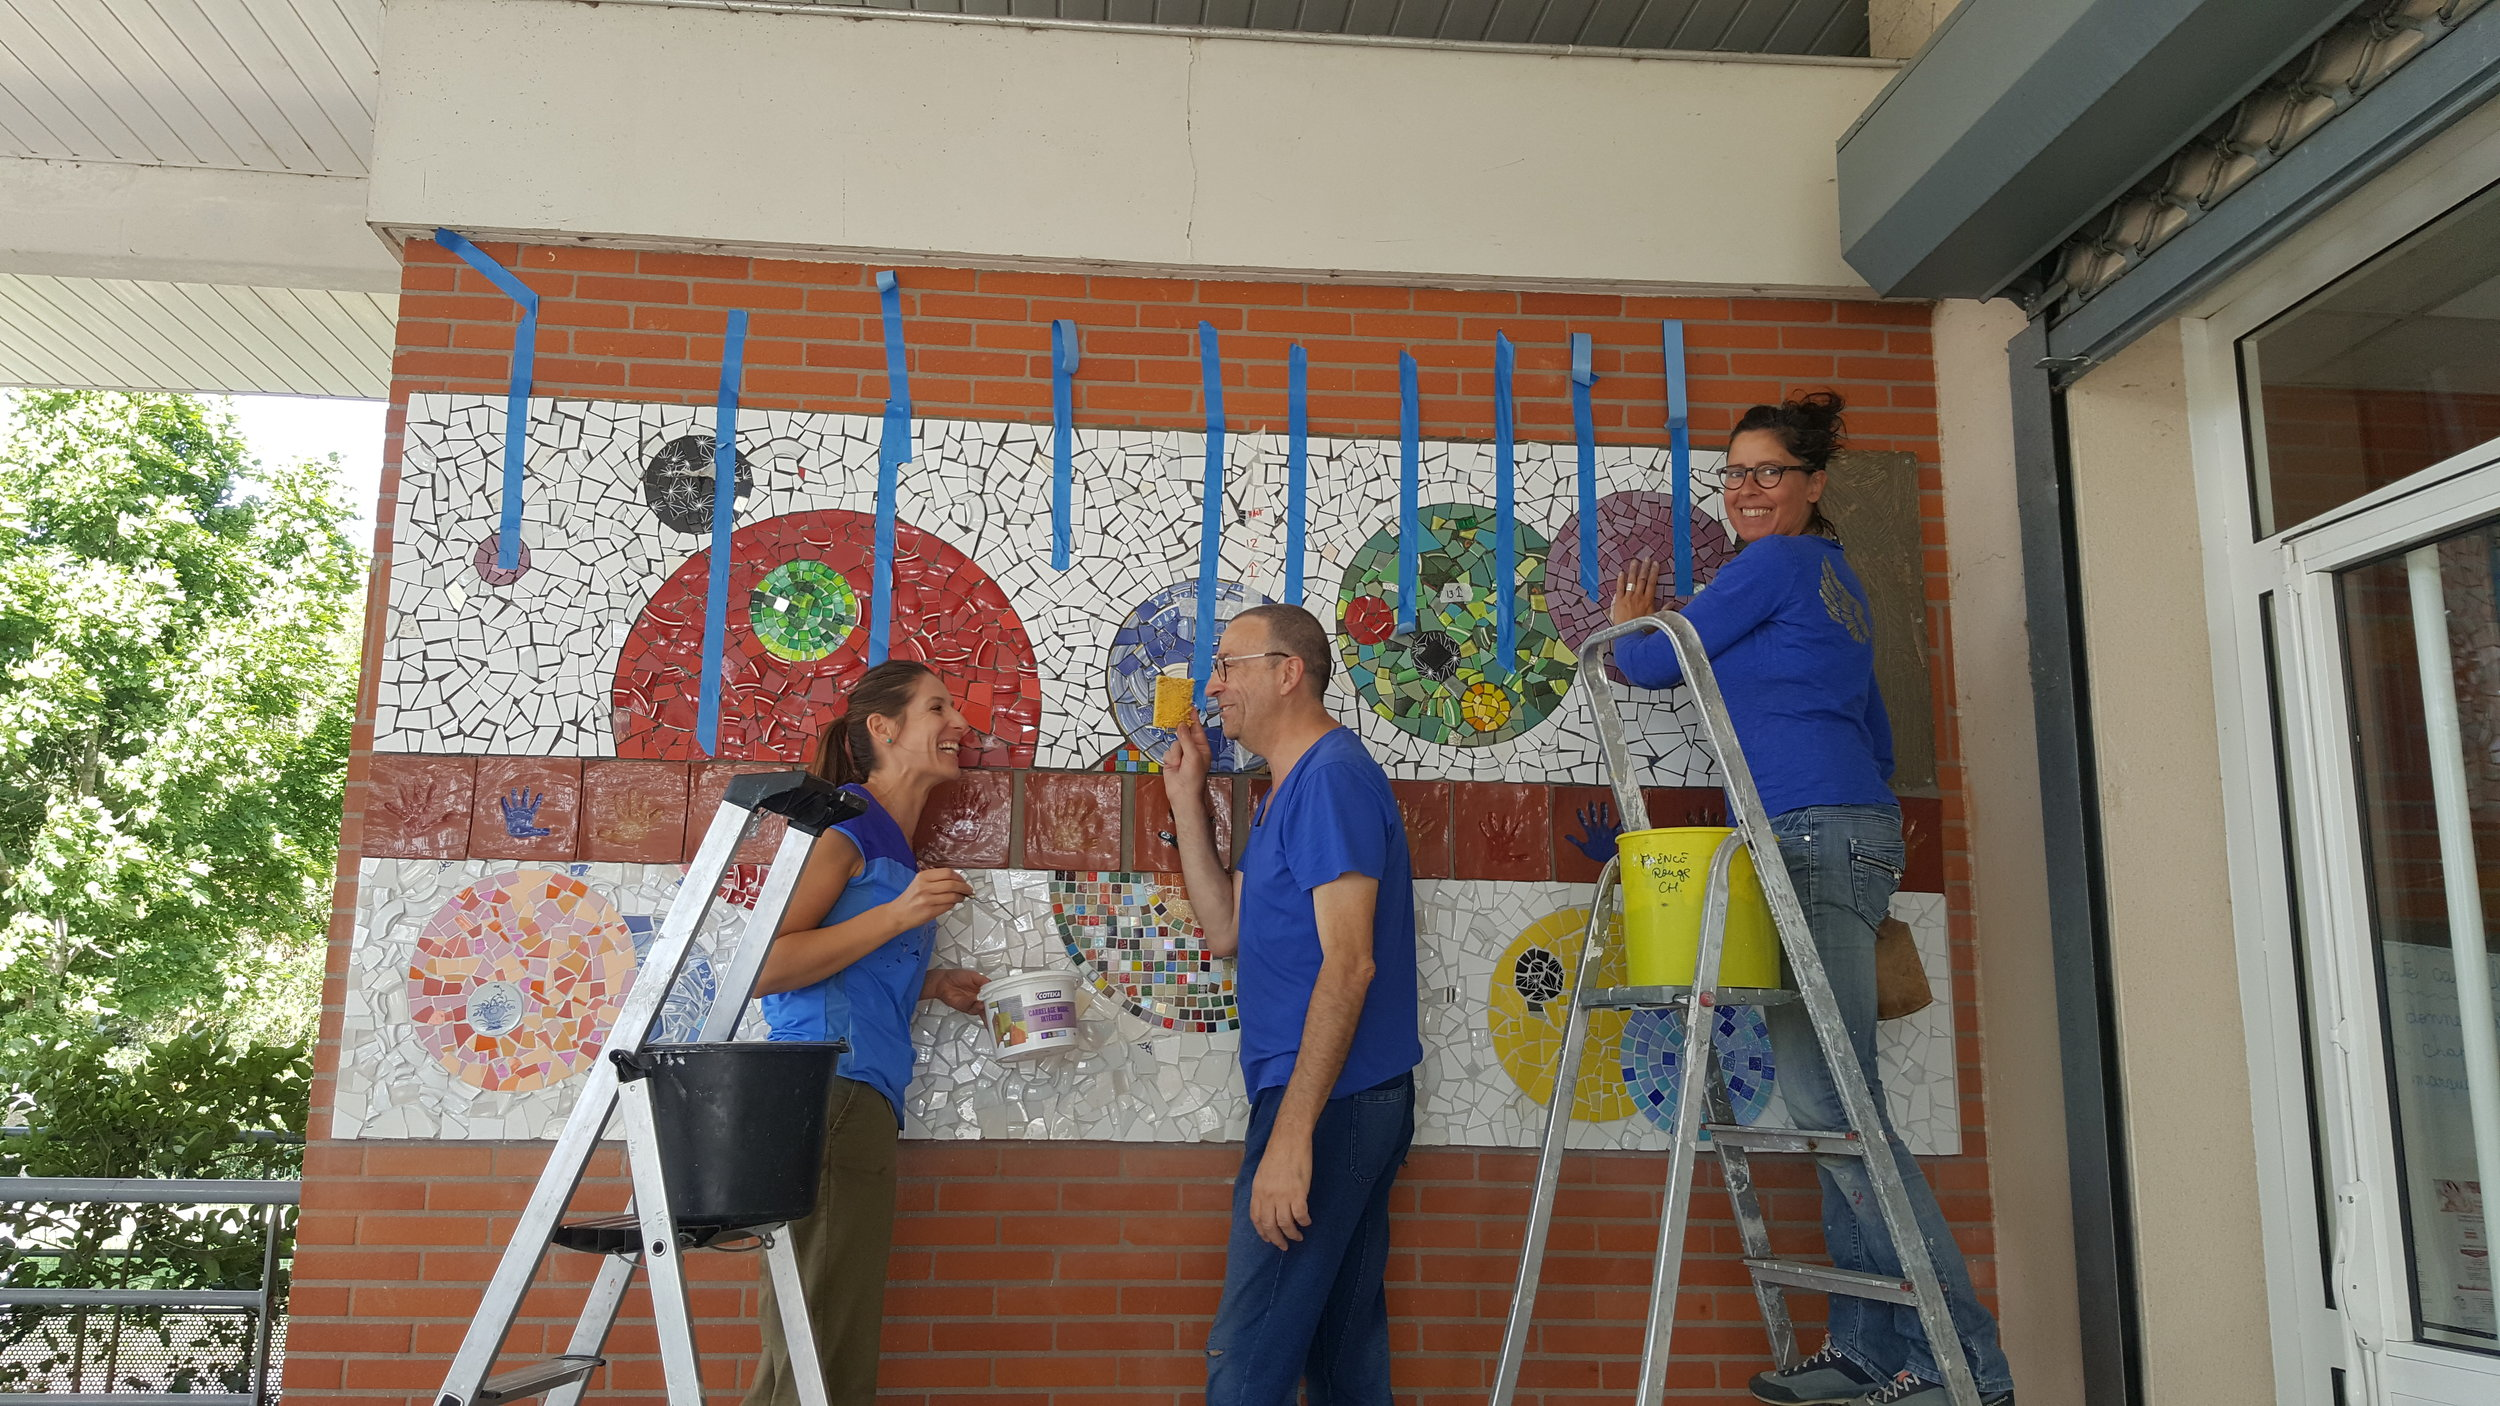 Pose avec l'aide de Cécilia Ferreira (enseignante) et Marc Le Dizet (artiste)